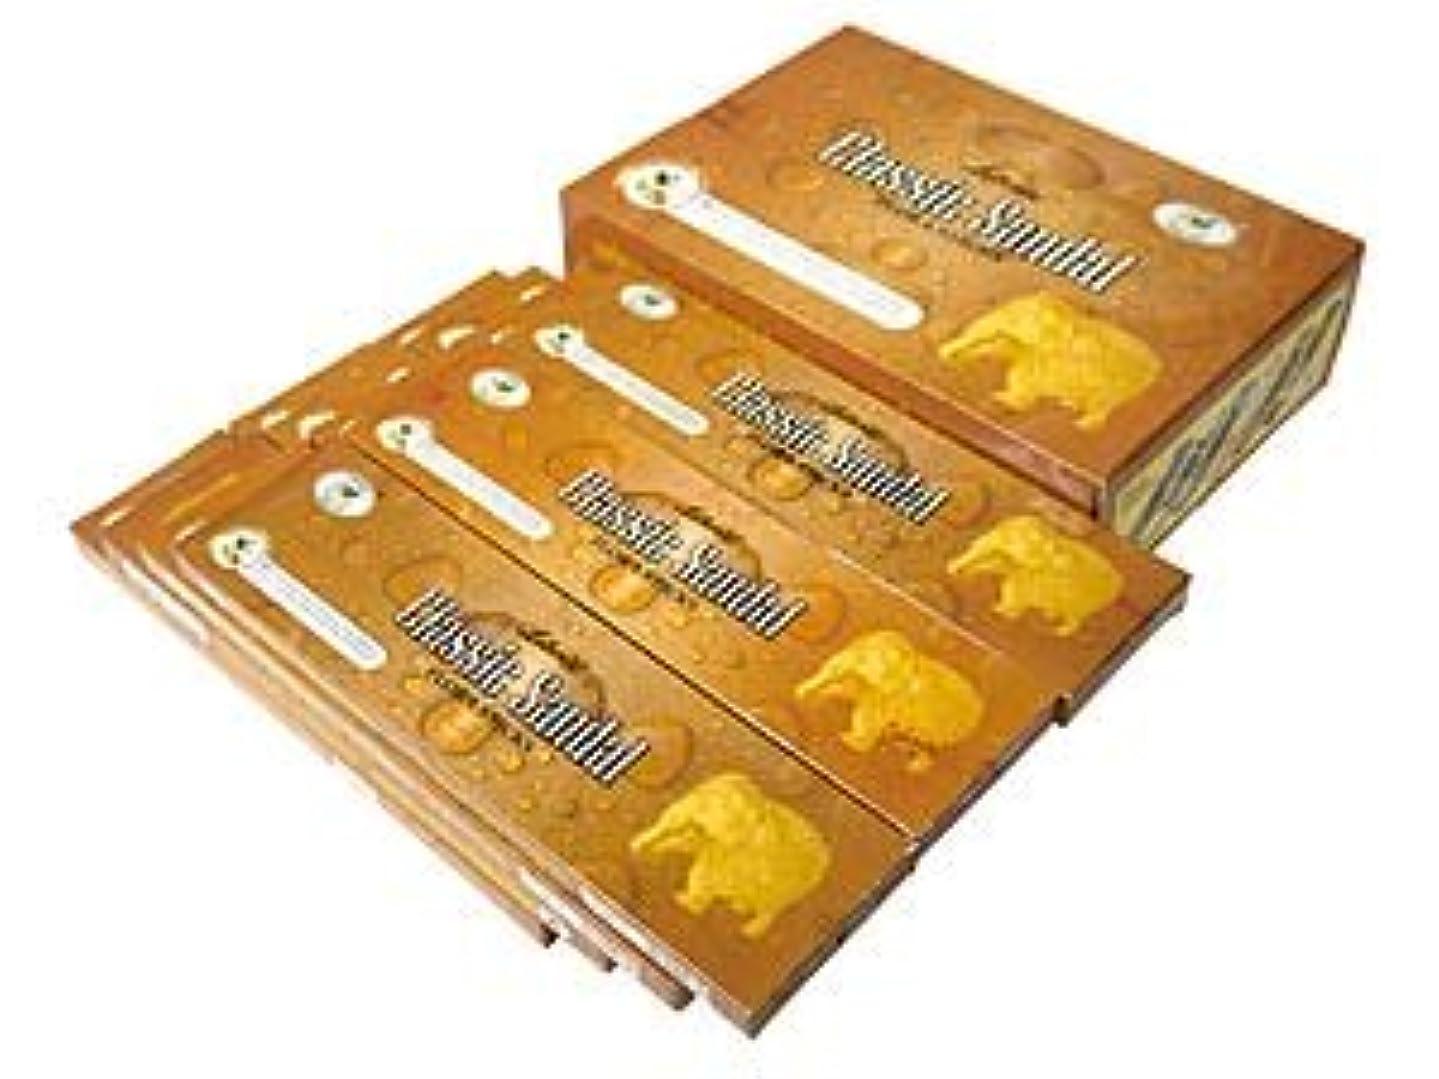 リテラシー合併症おもちゃLIBERTY'S(リバティーズ) クラシックサンダル香 スティック CLASSICSANDAL 12箱セット